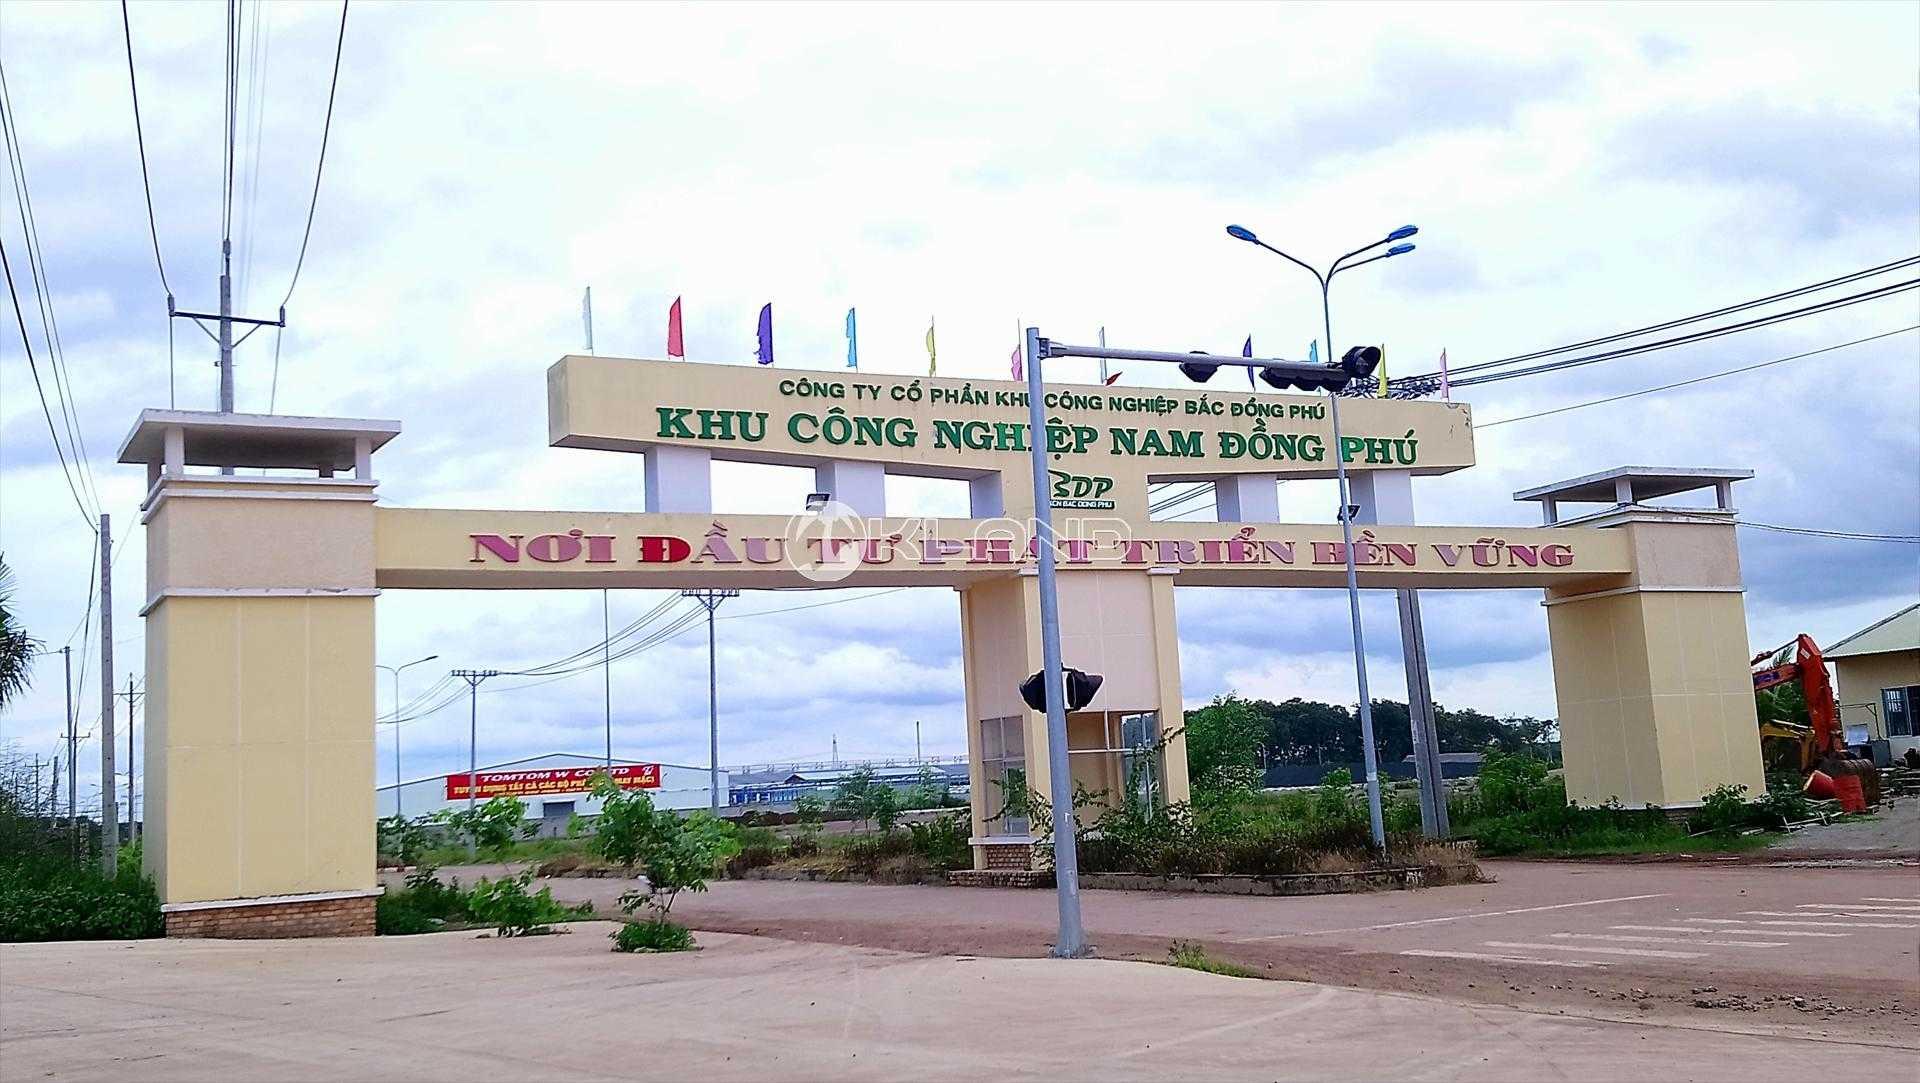 Nhiều khu công nghiệp tỉnh Bình Phước được điều chỉnh, bổ sung quy hoạch - Ảnh 1.